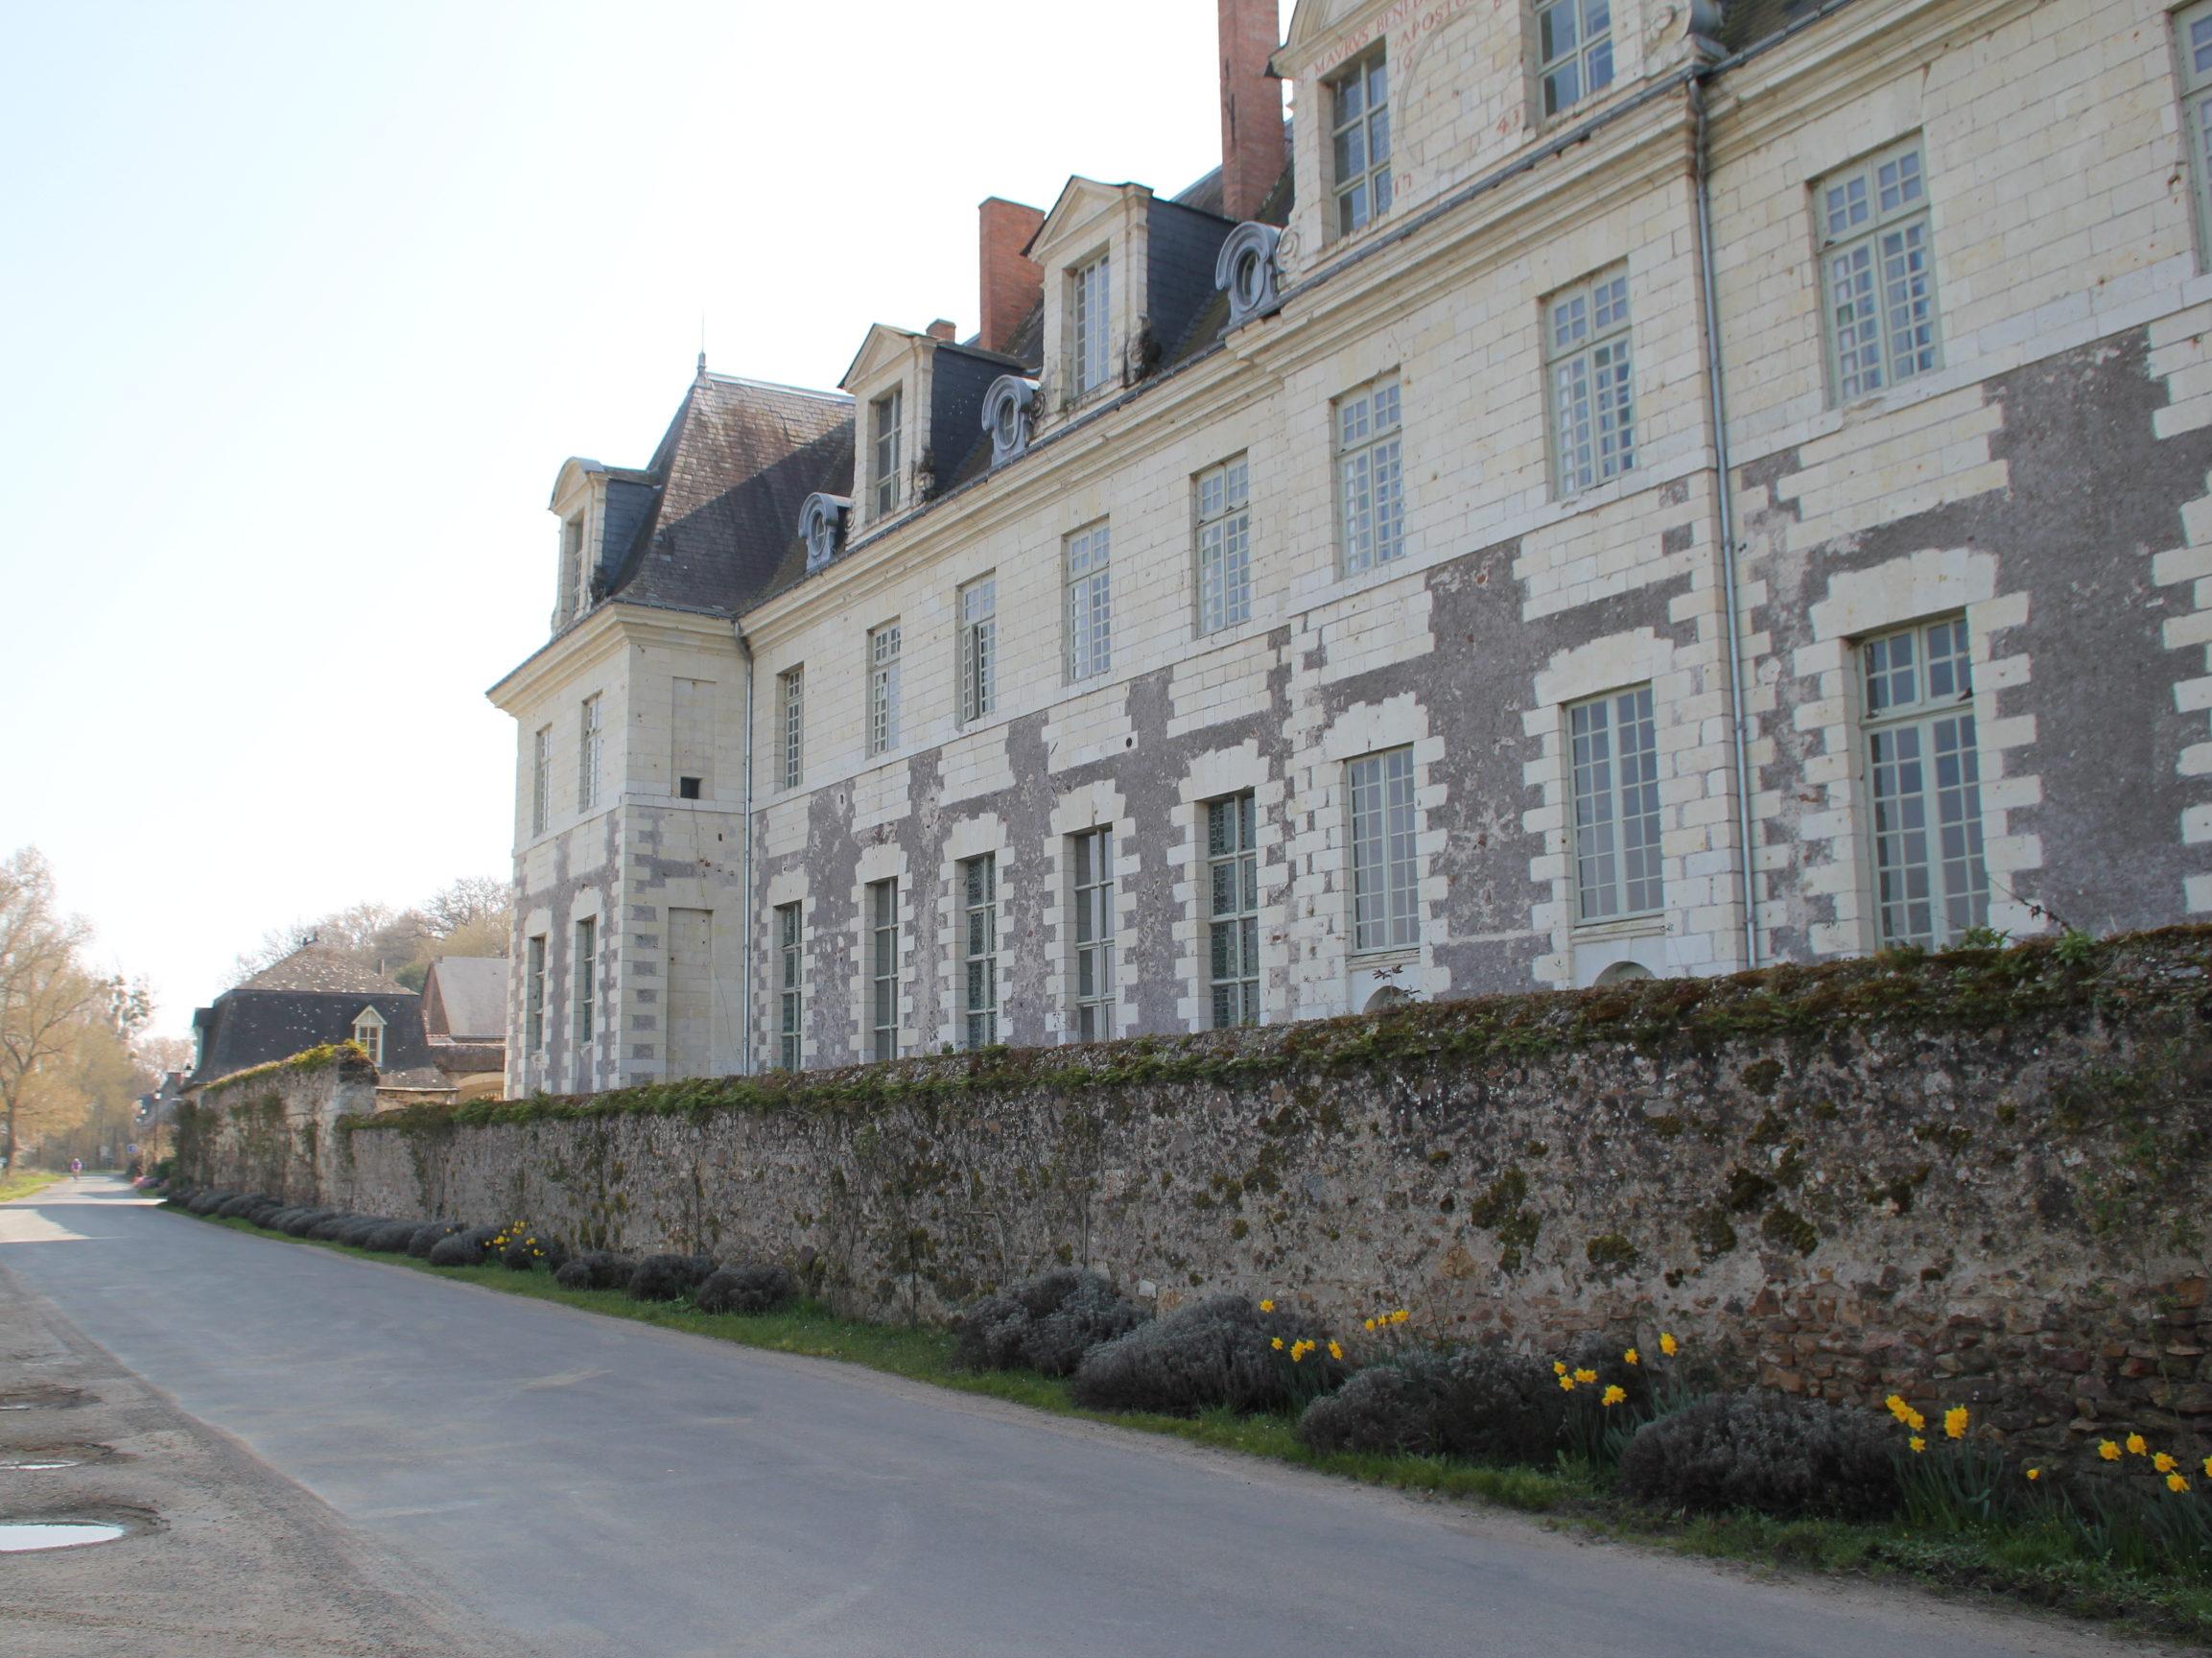 Remise aux normes de bâtiments classés (abbaye)